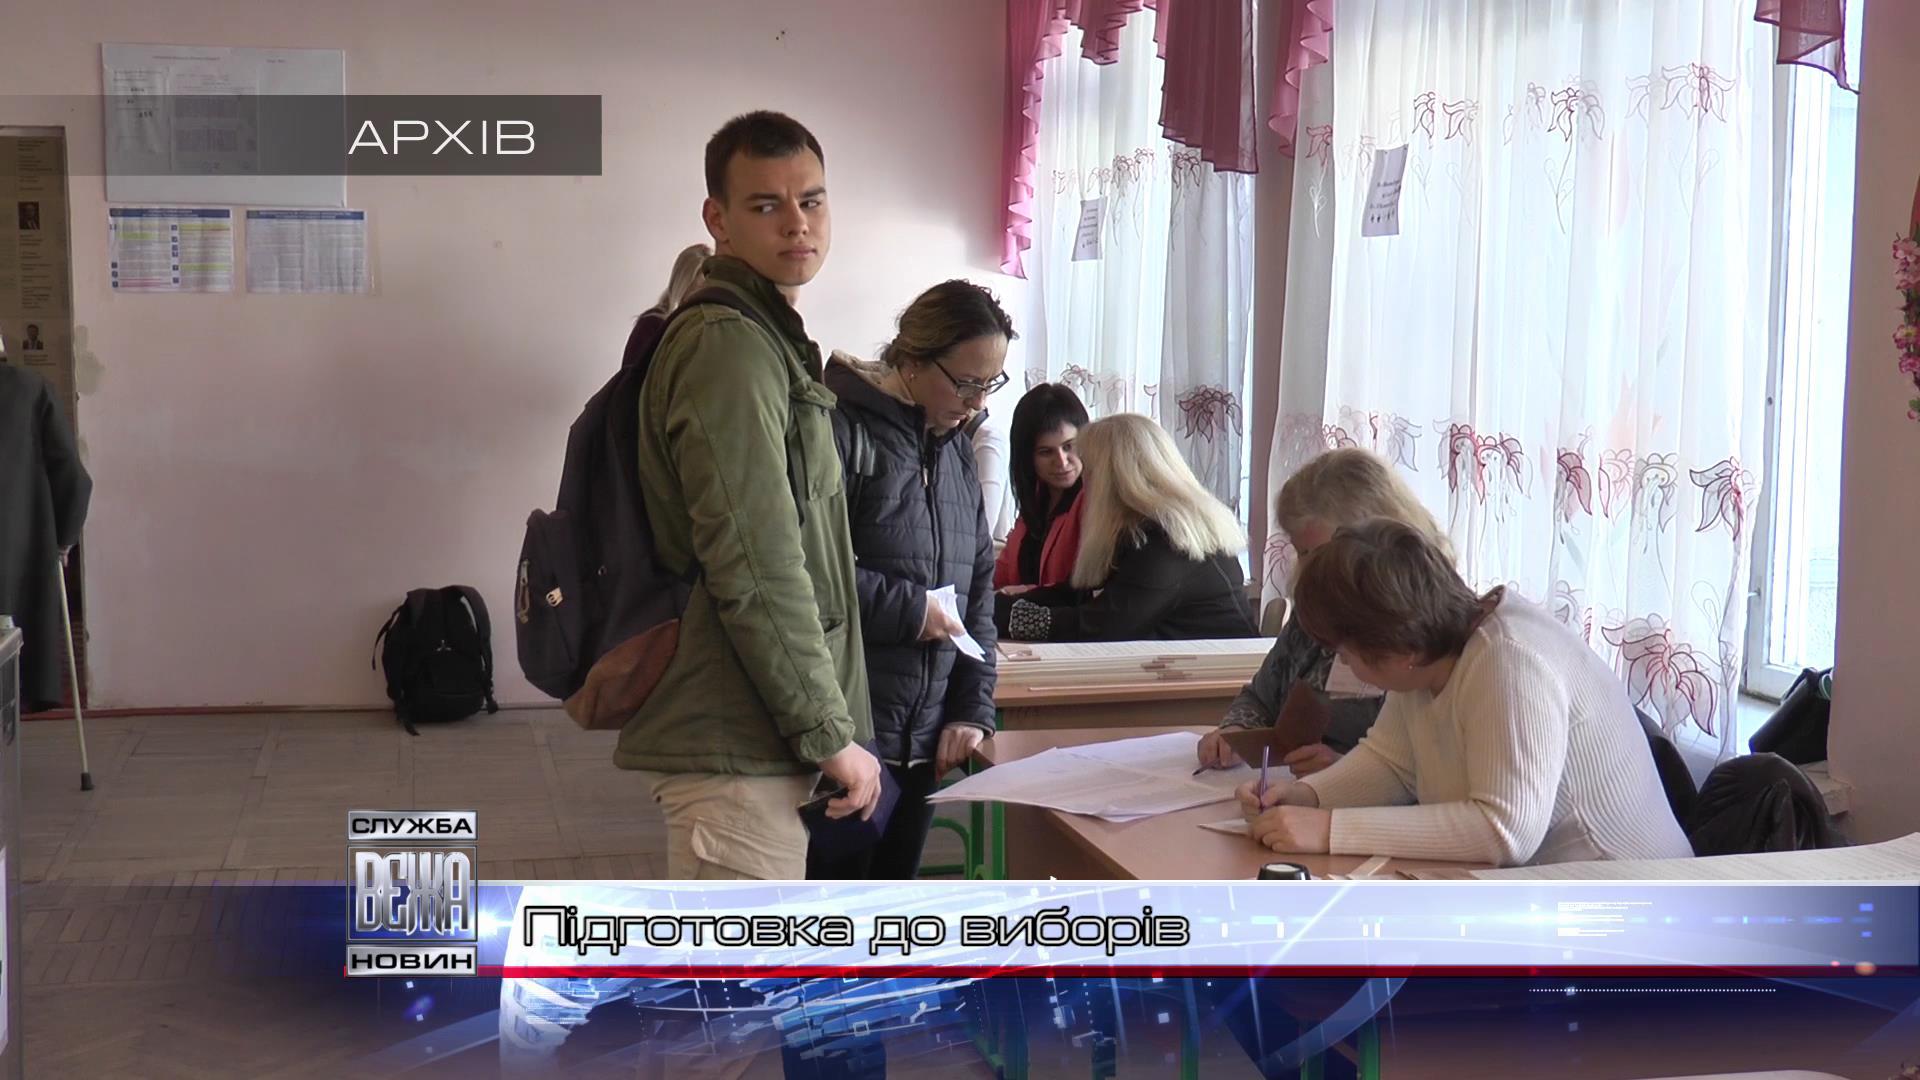 Підготовка до виборів[15-29-19]